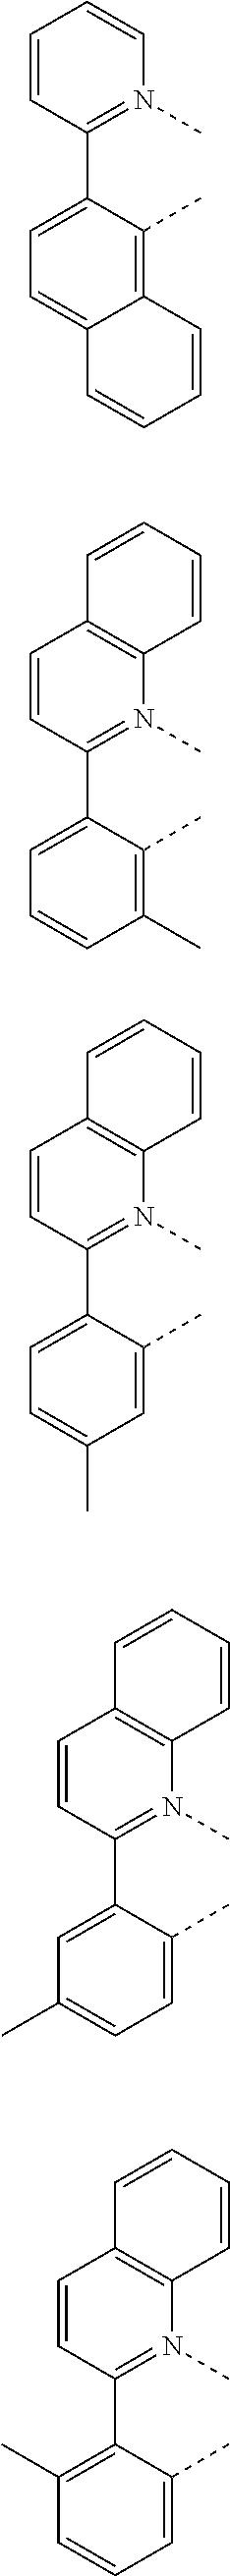 Figure US09773985-20170926-C00265